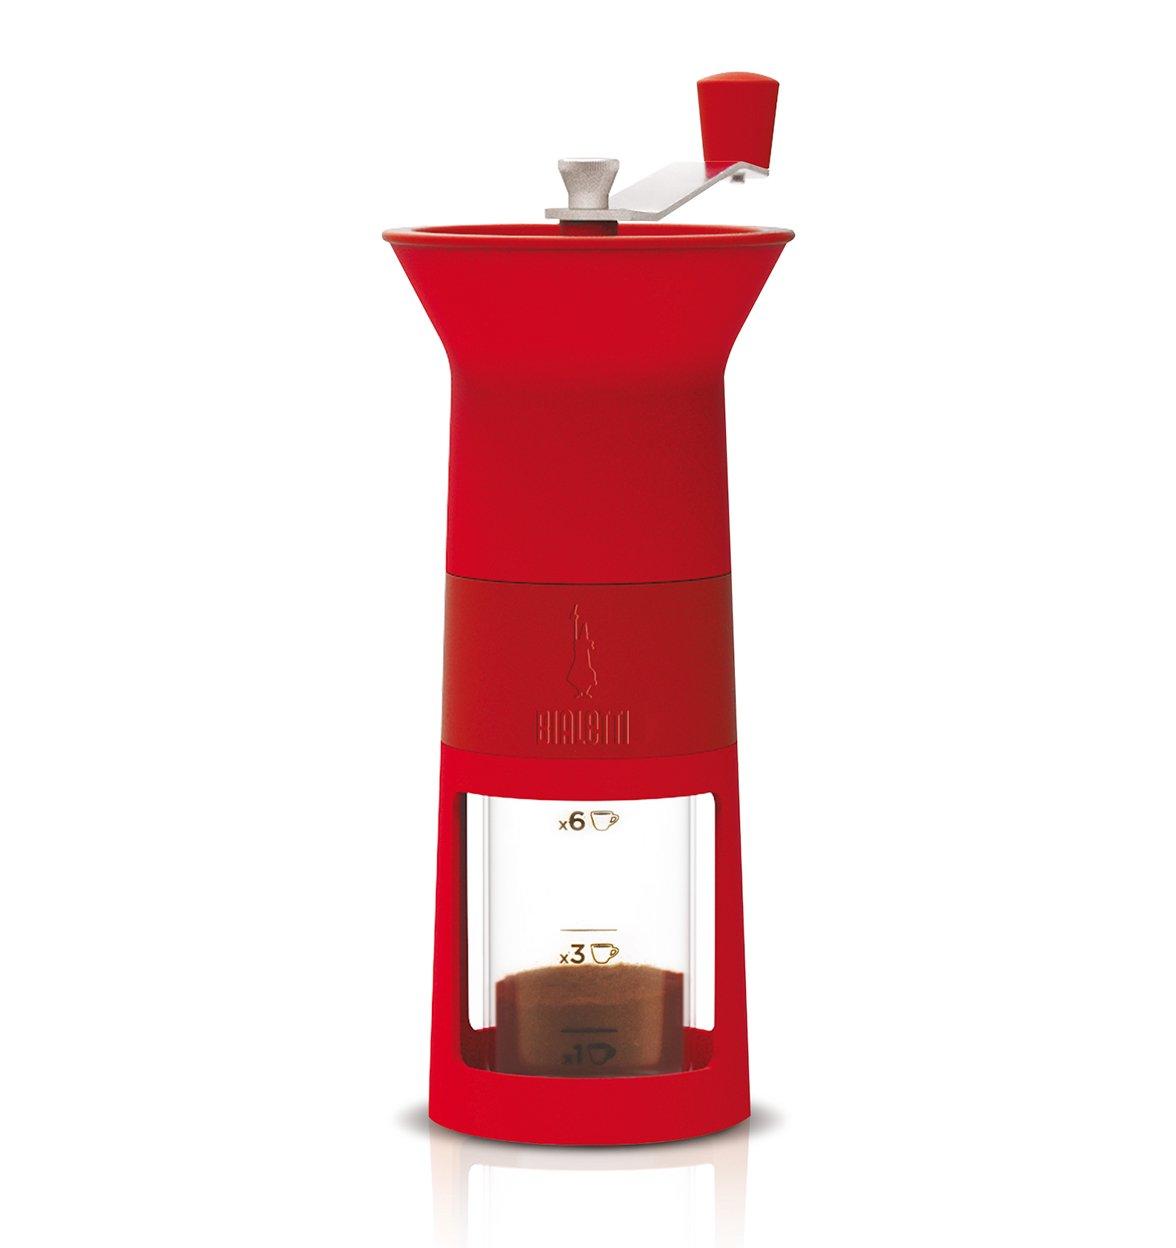 Molinillo de grano de cafè manual rojo bialetti